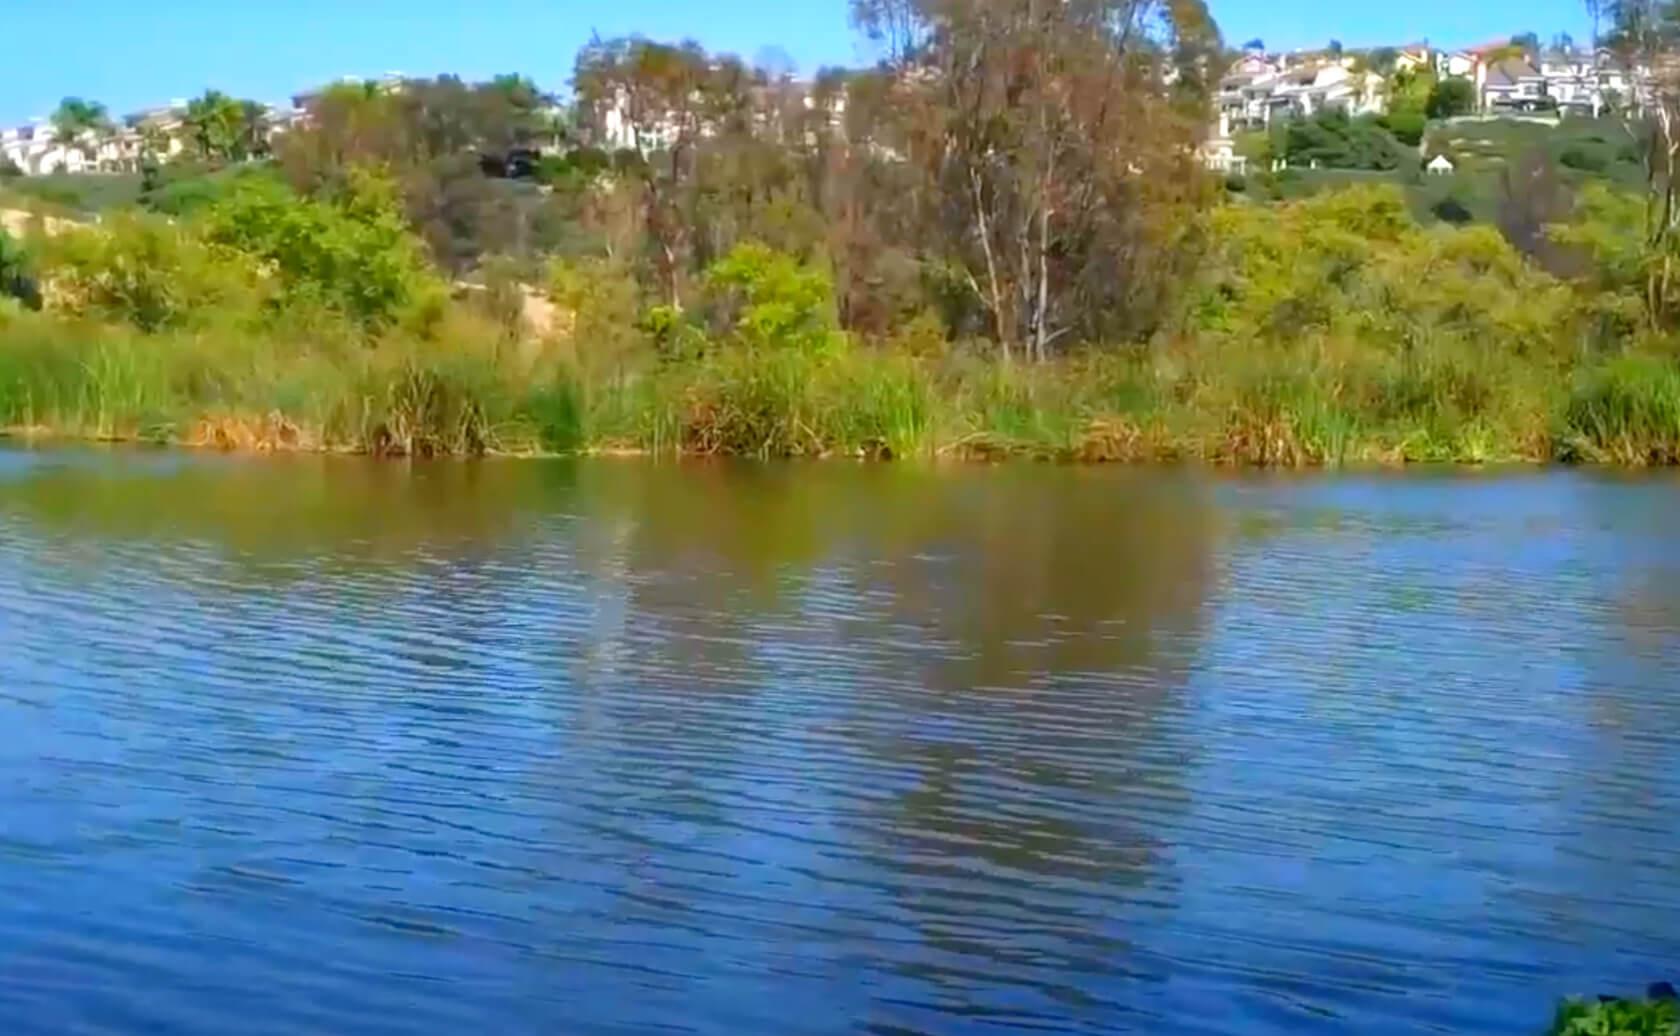 Laguna-Niguel-Lake-Fishing-Guide-Report-CA-06